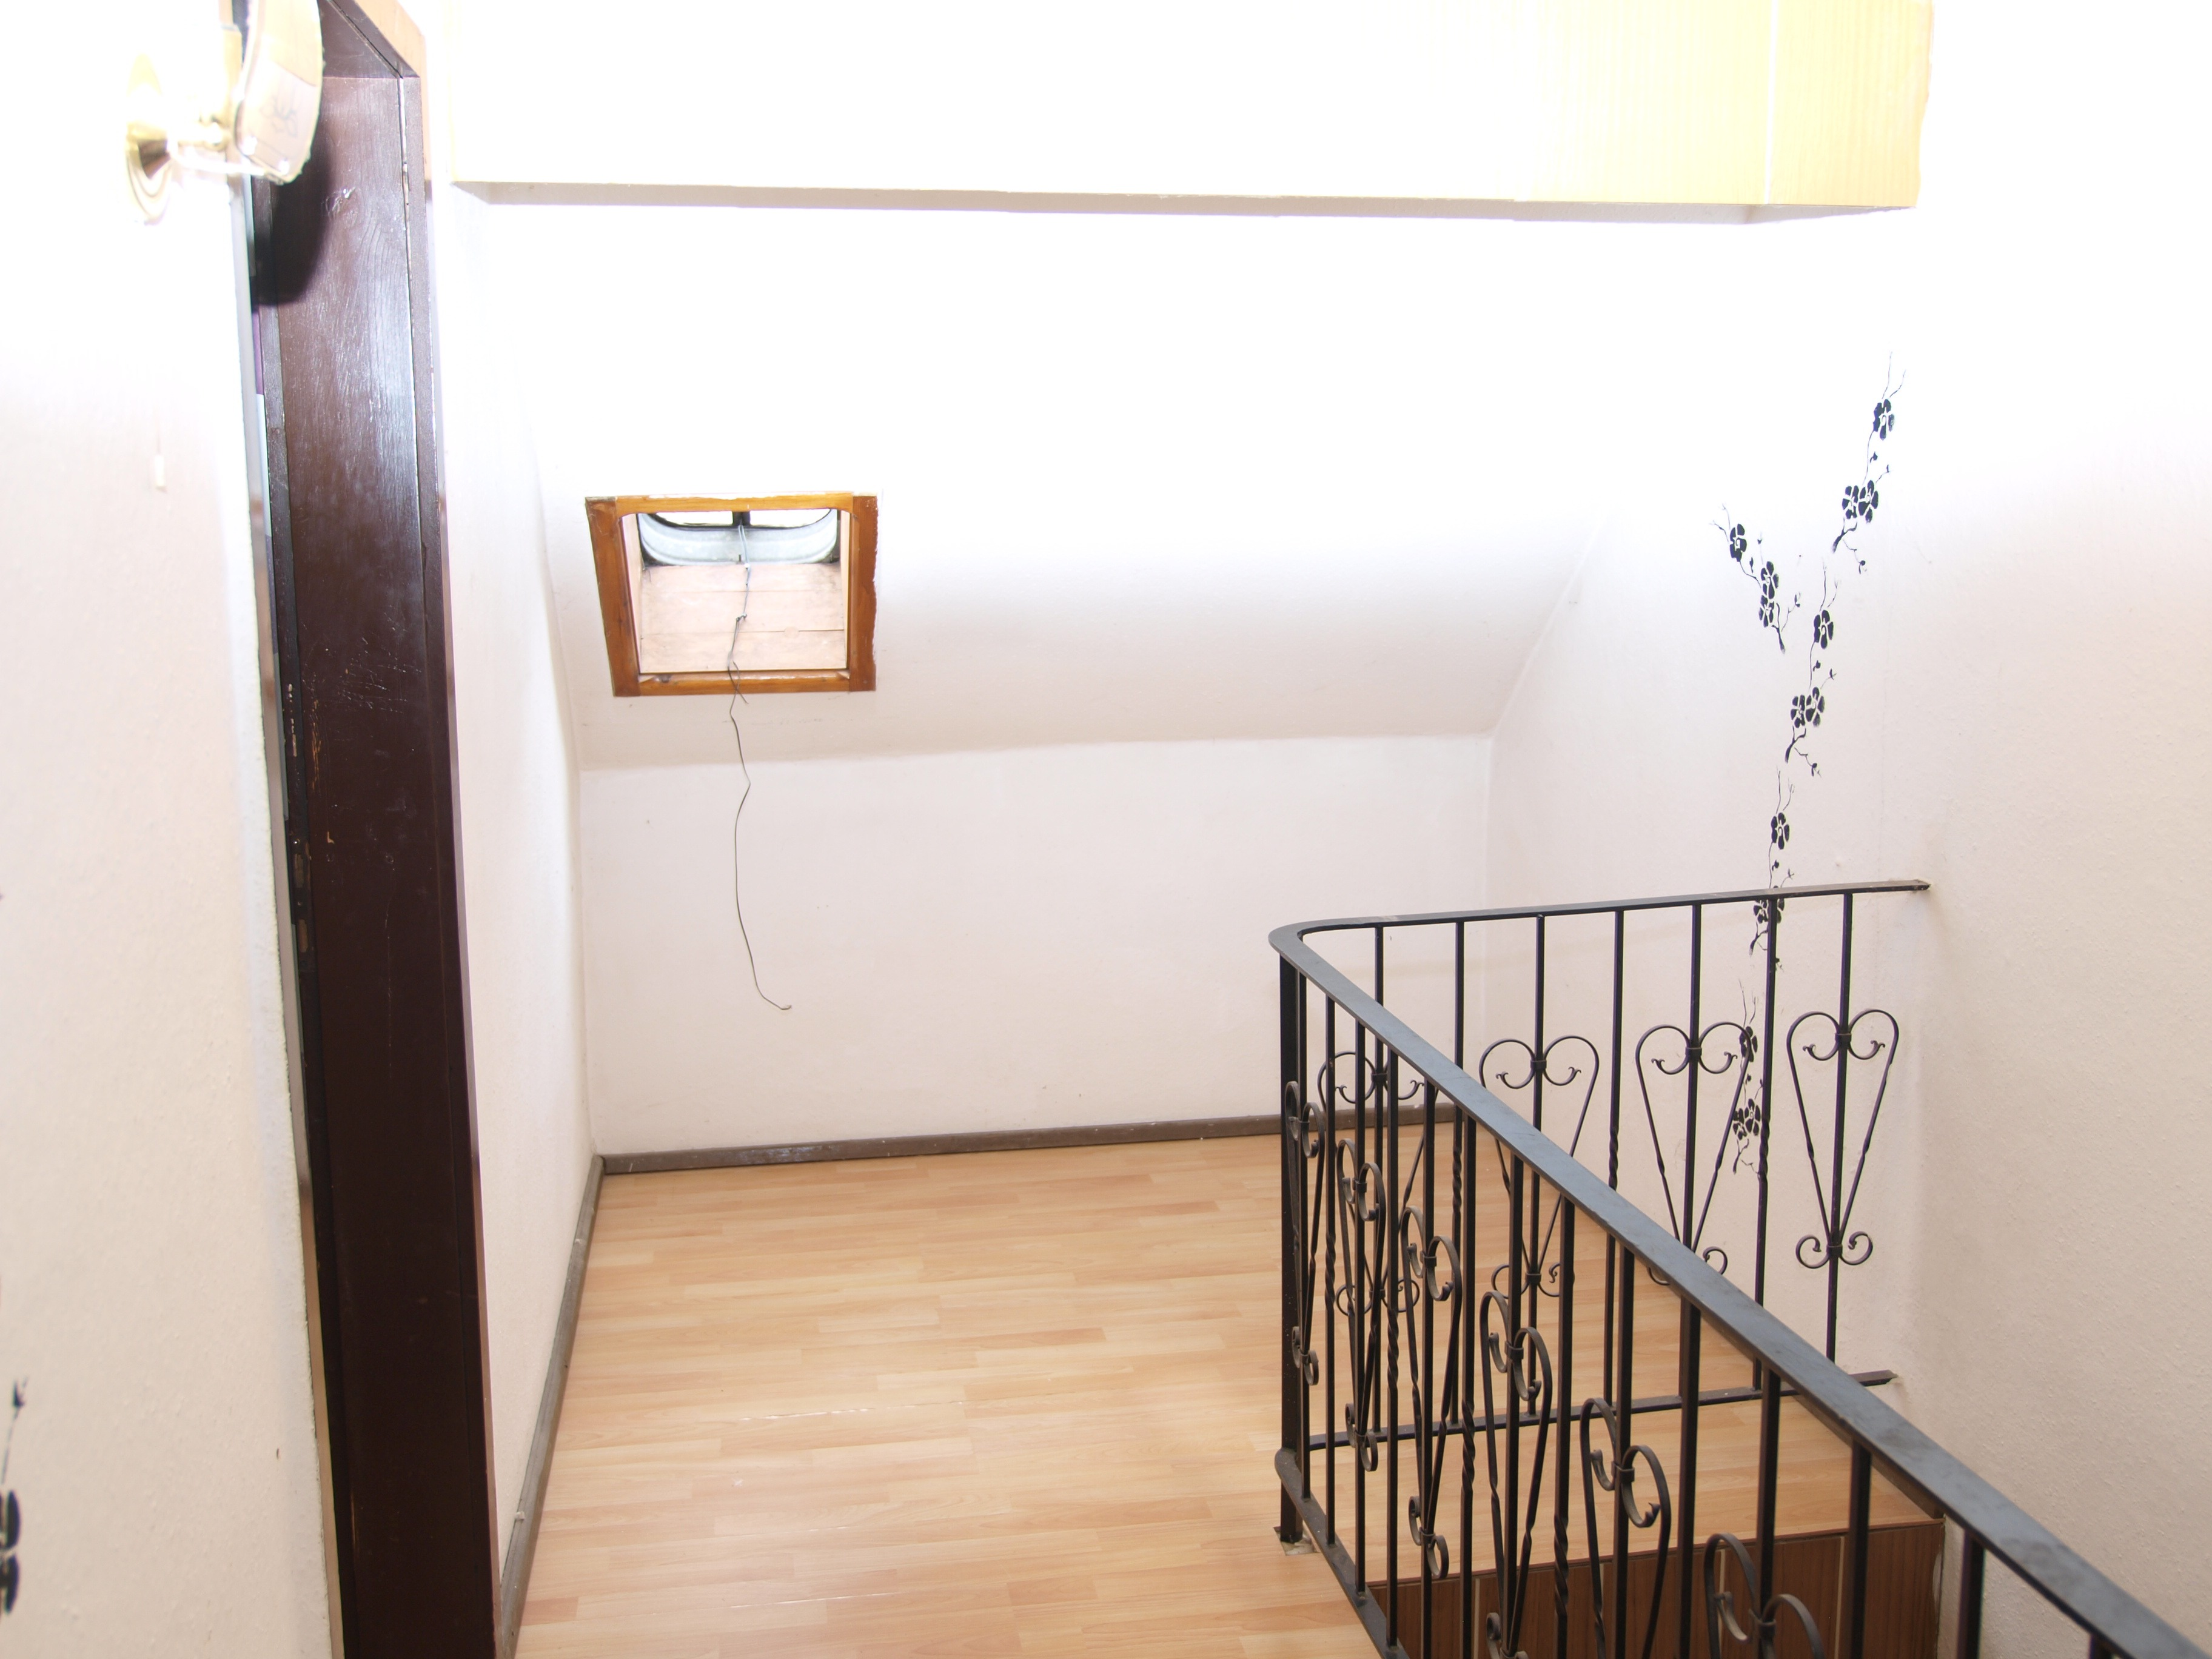 Einfamilienhaus Mansfeld - Oberer Flurbereich mit freundlicher Diele